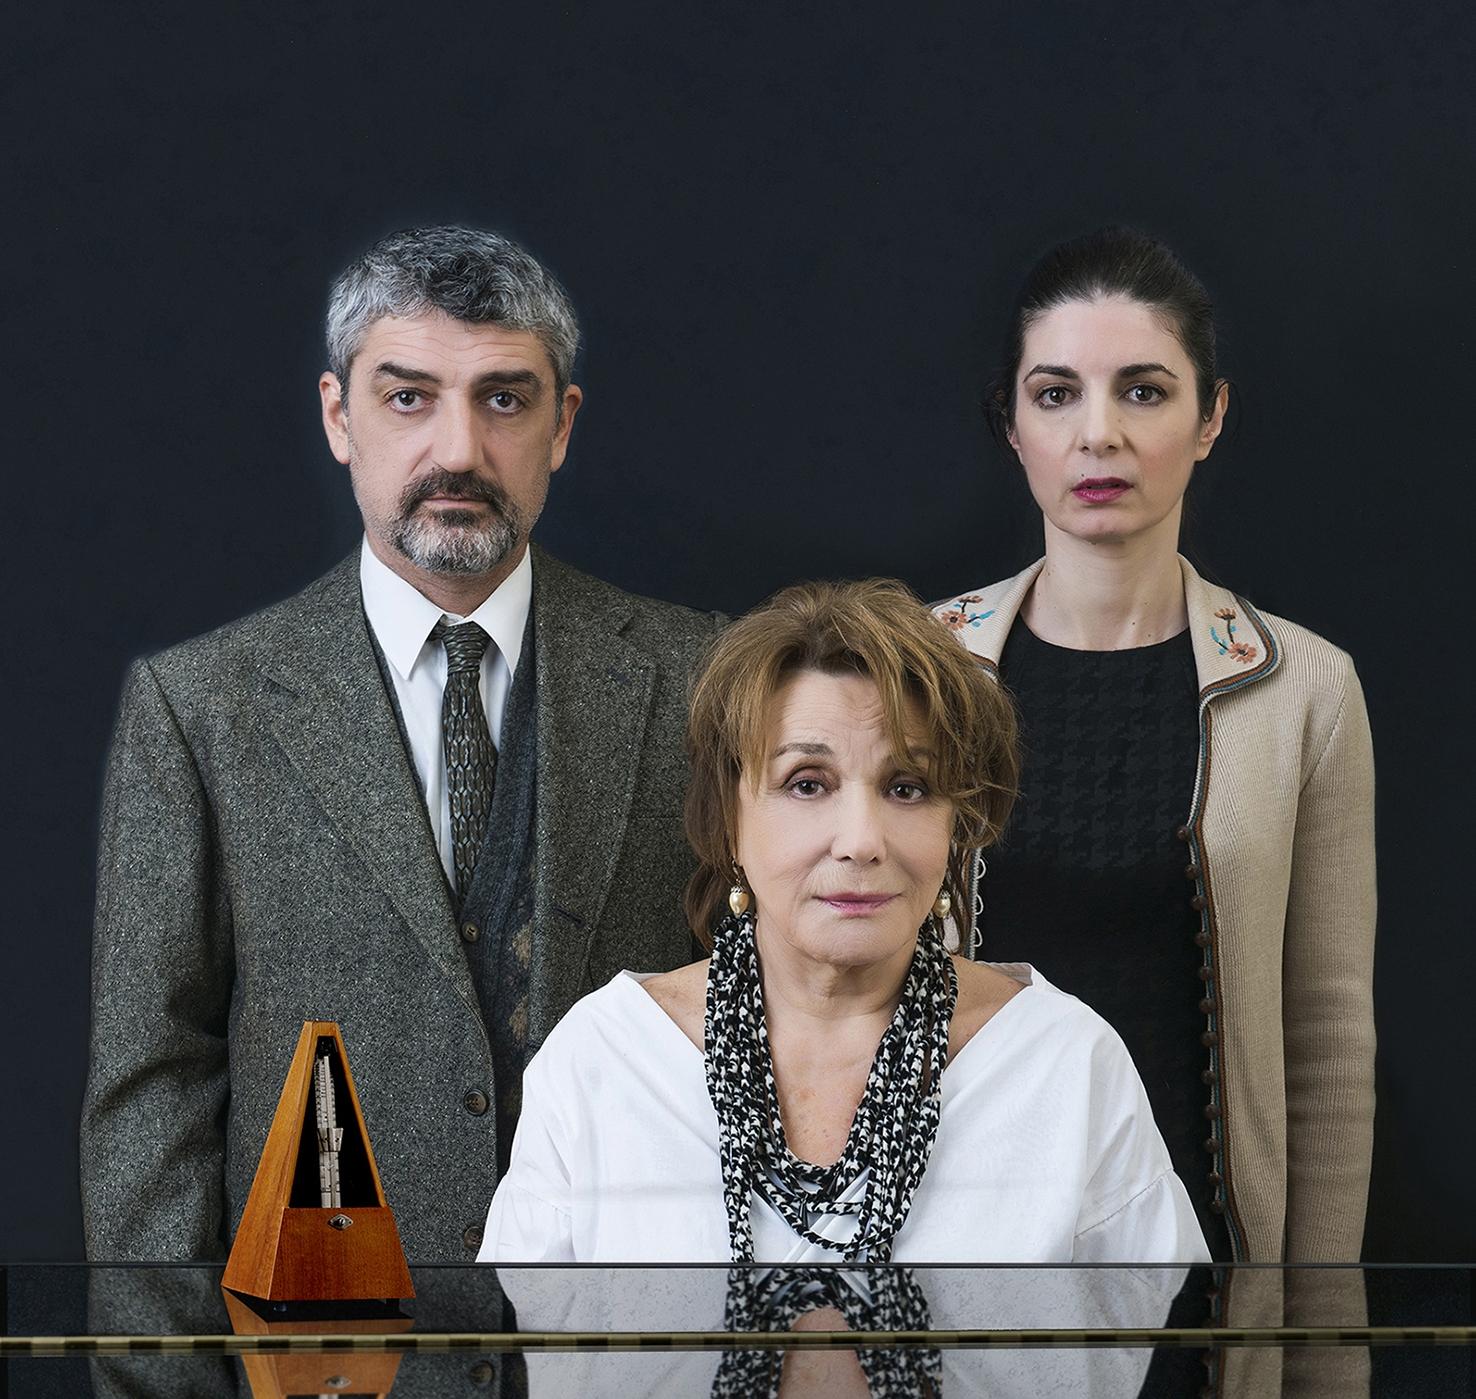 Δημήτρης Ήμελλος, Μπέττυ Αρβανίτη, Δέσποινα Κούρτη